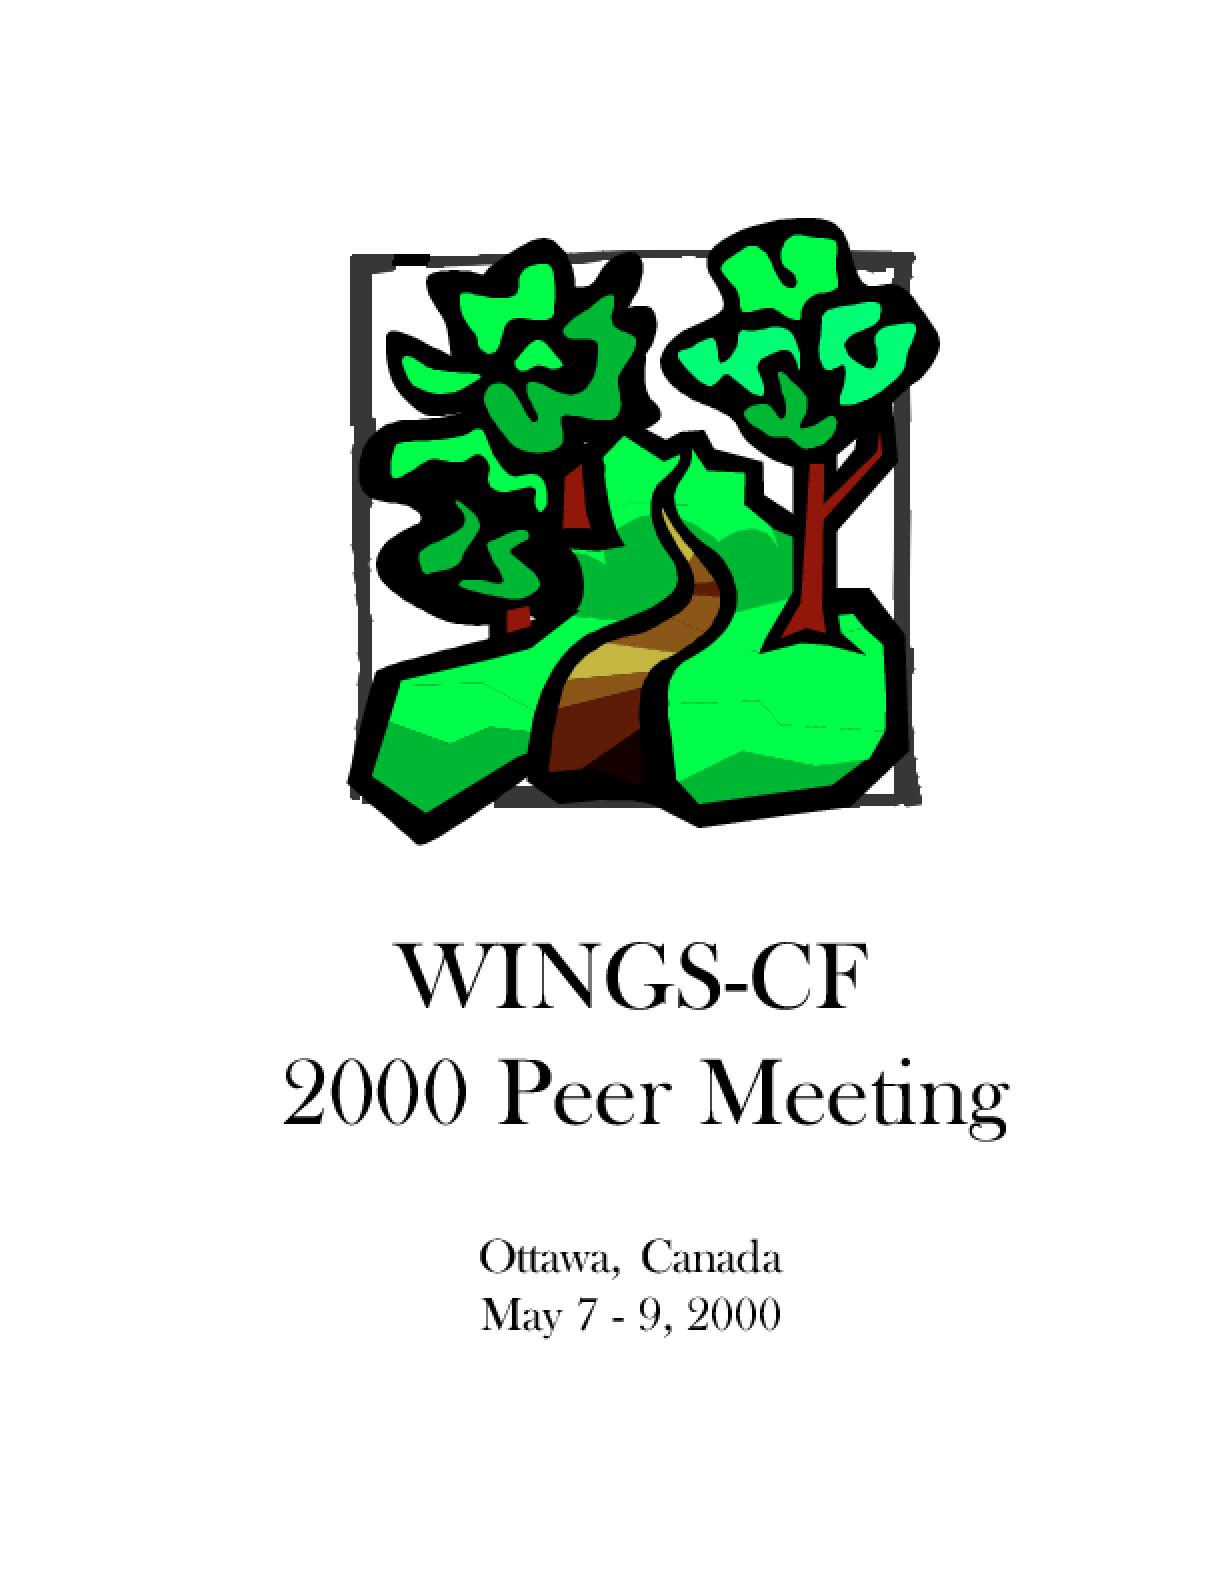 WINGS-CF 2000 Peer Meeting